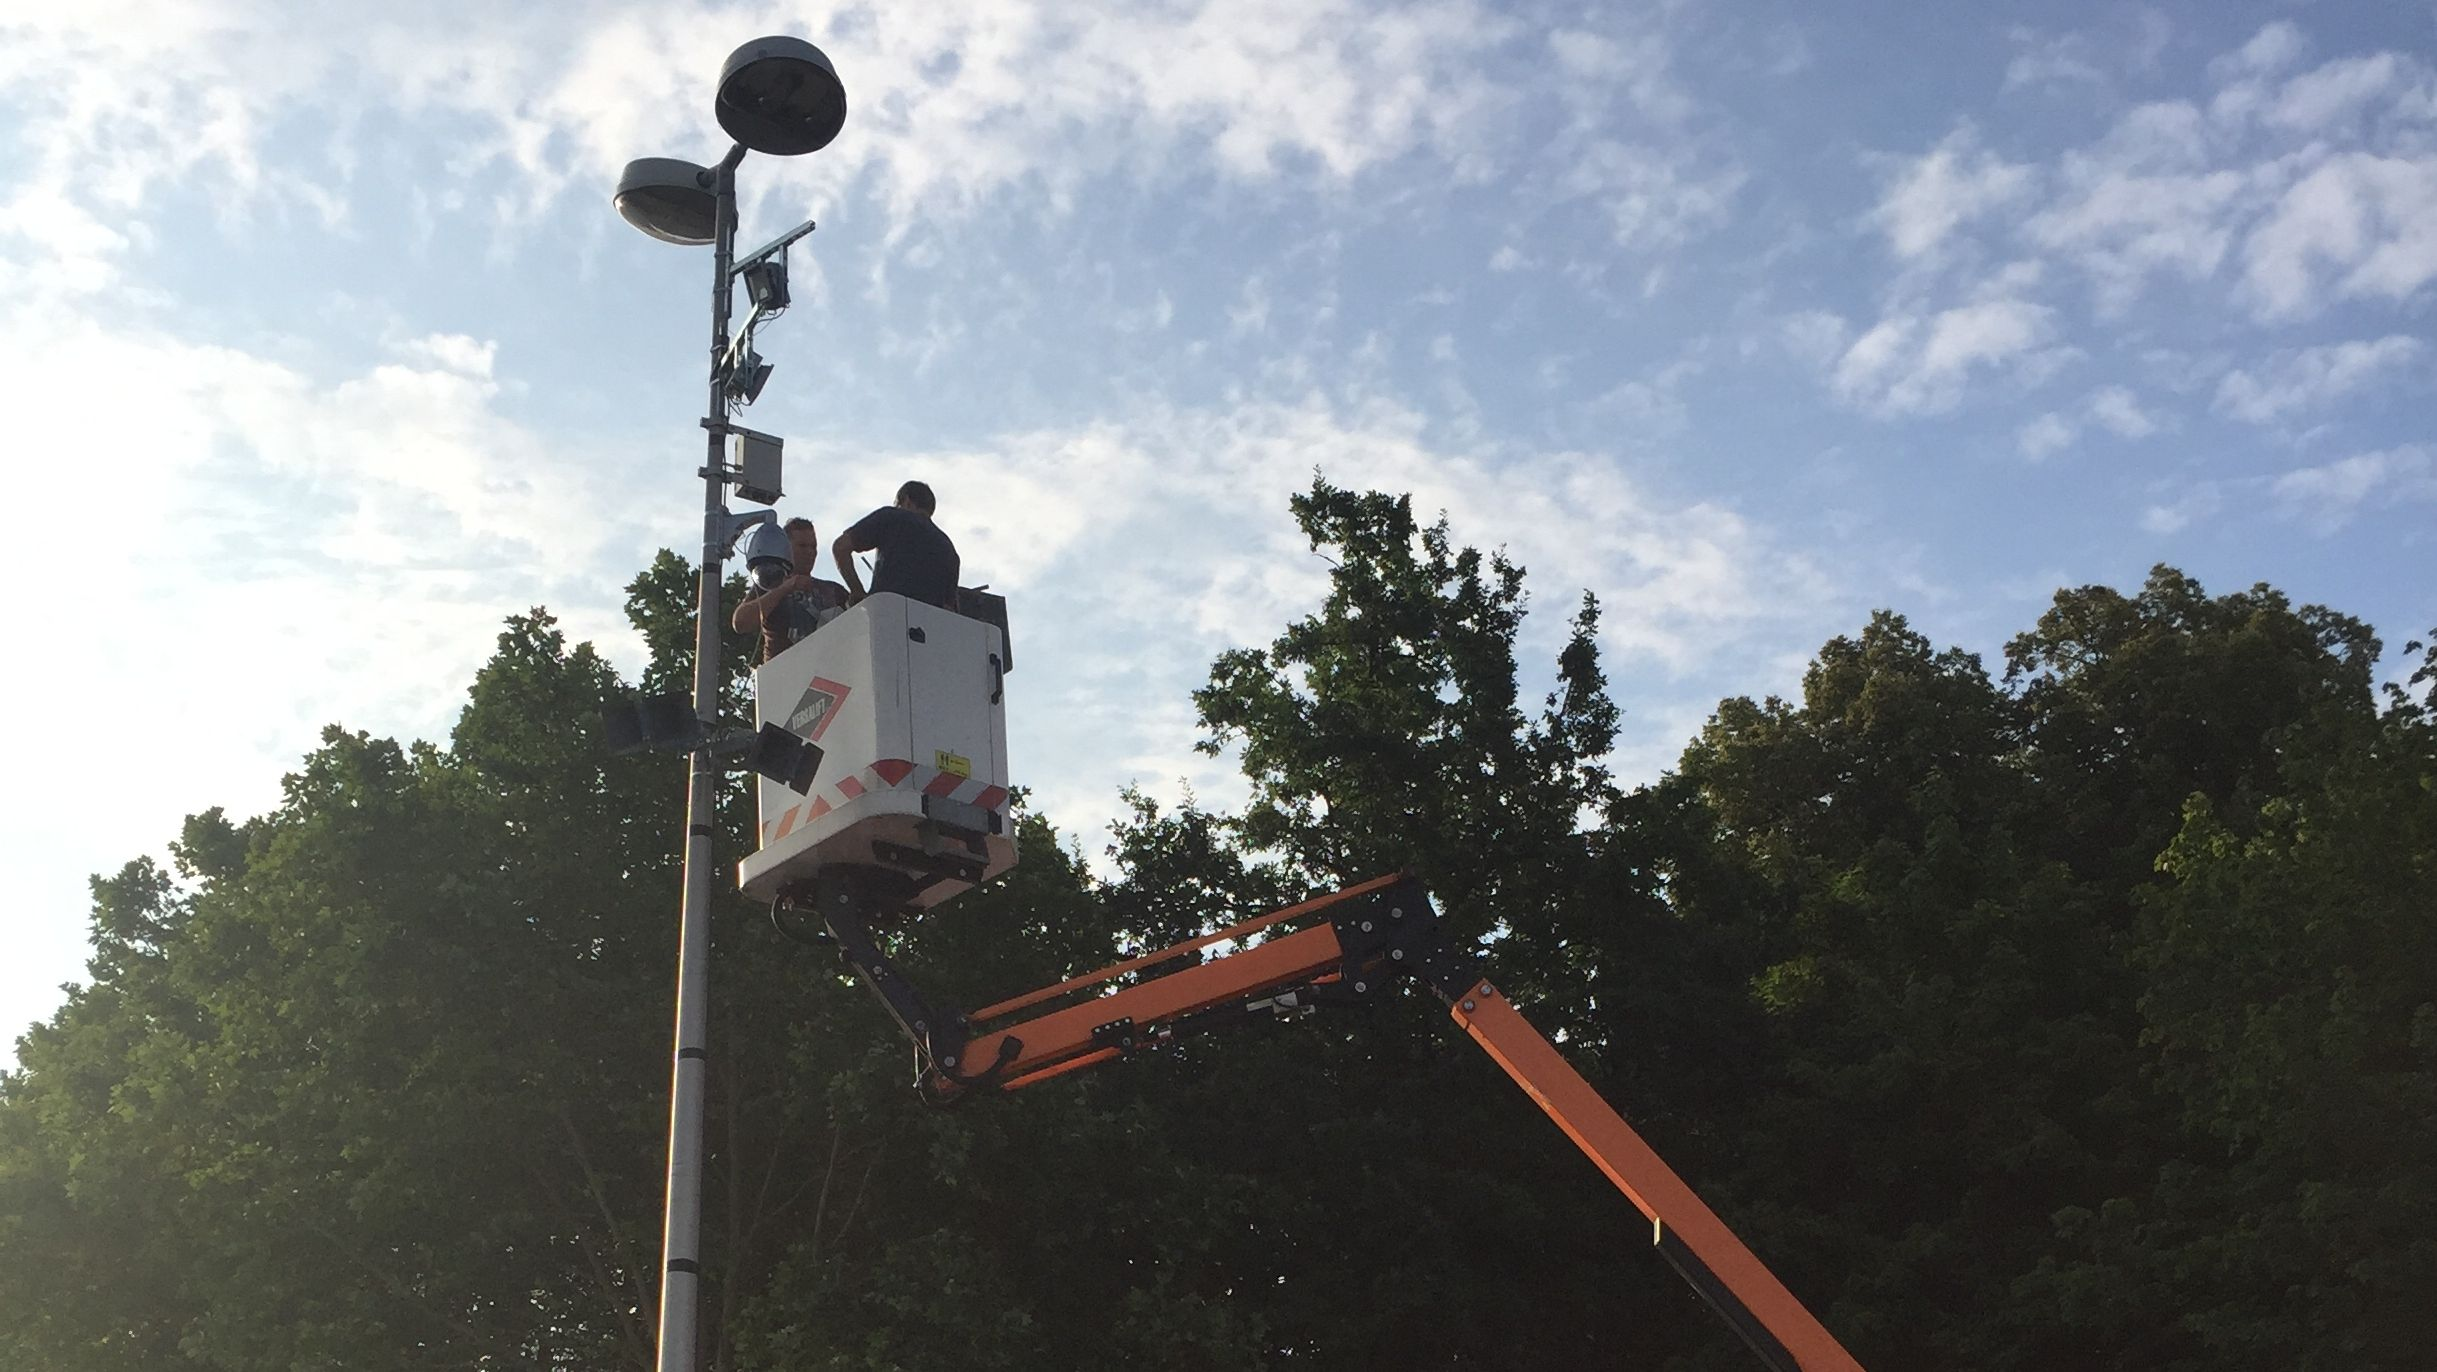 Spezialisten installieren eine der Kameras